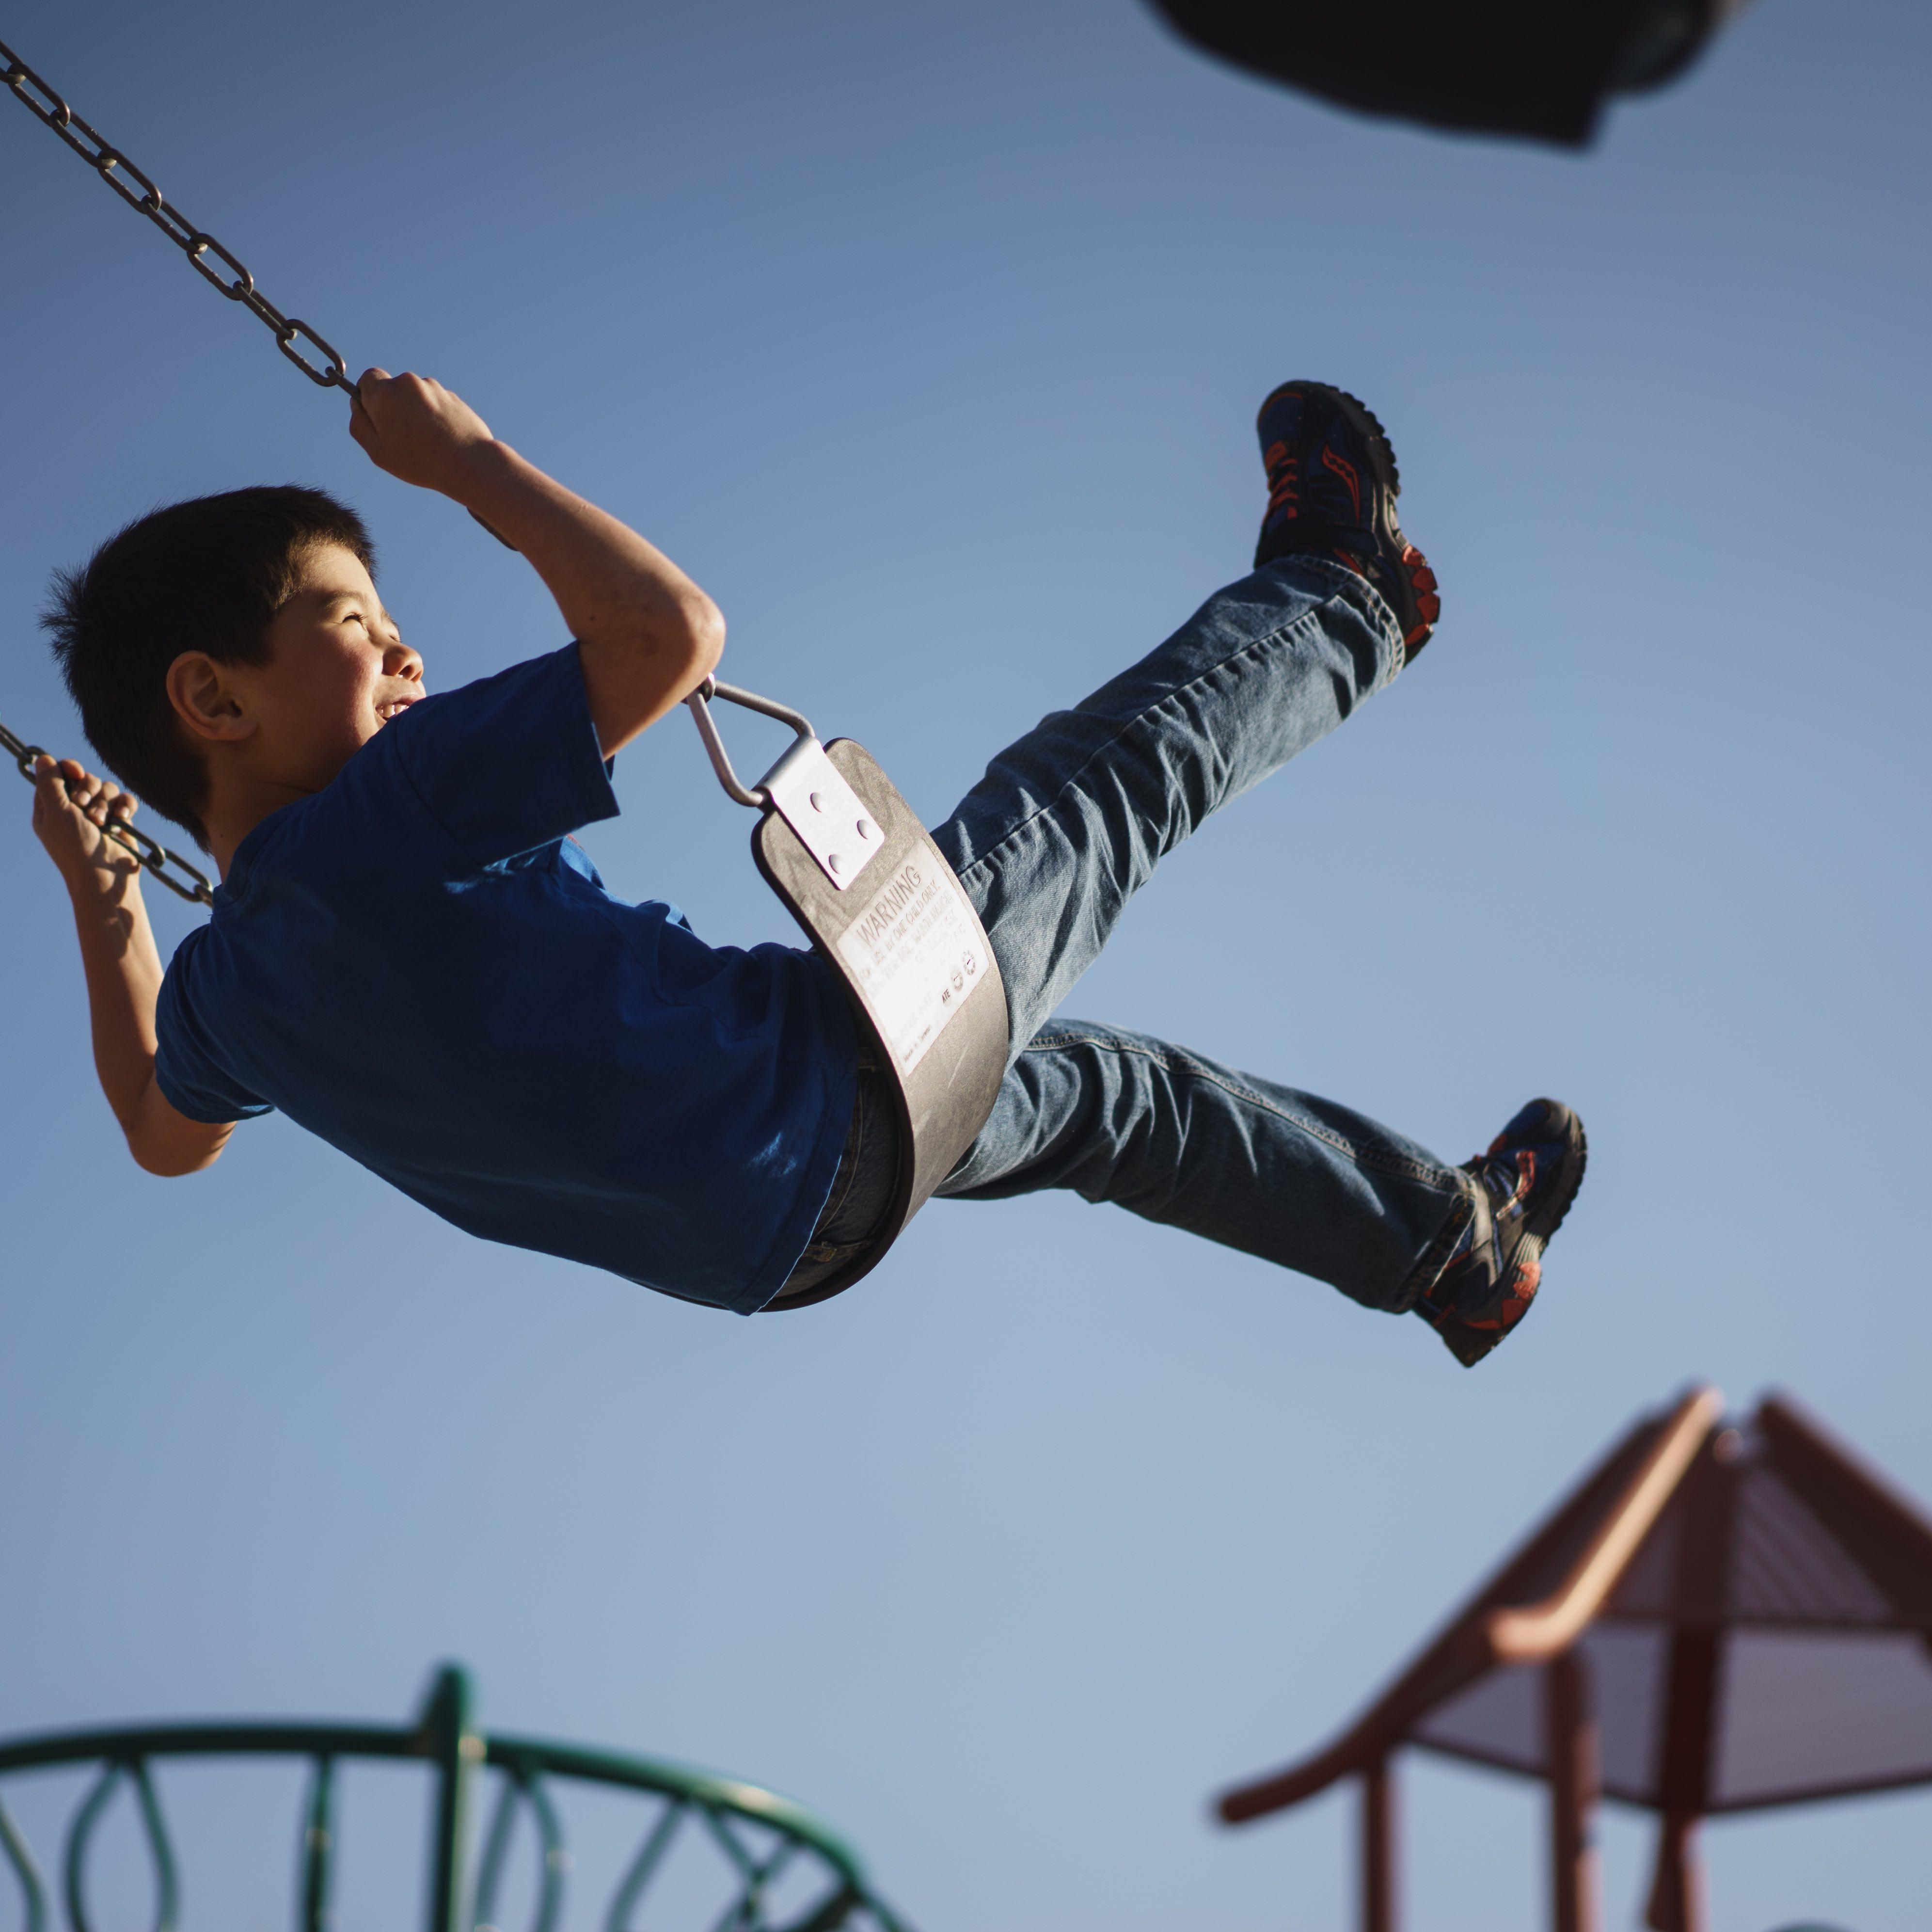 El círculo dorado del juego: un nuevo modelo para acercar los espacios públicos a la infancia